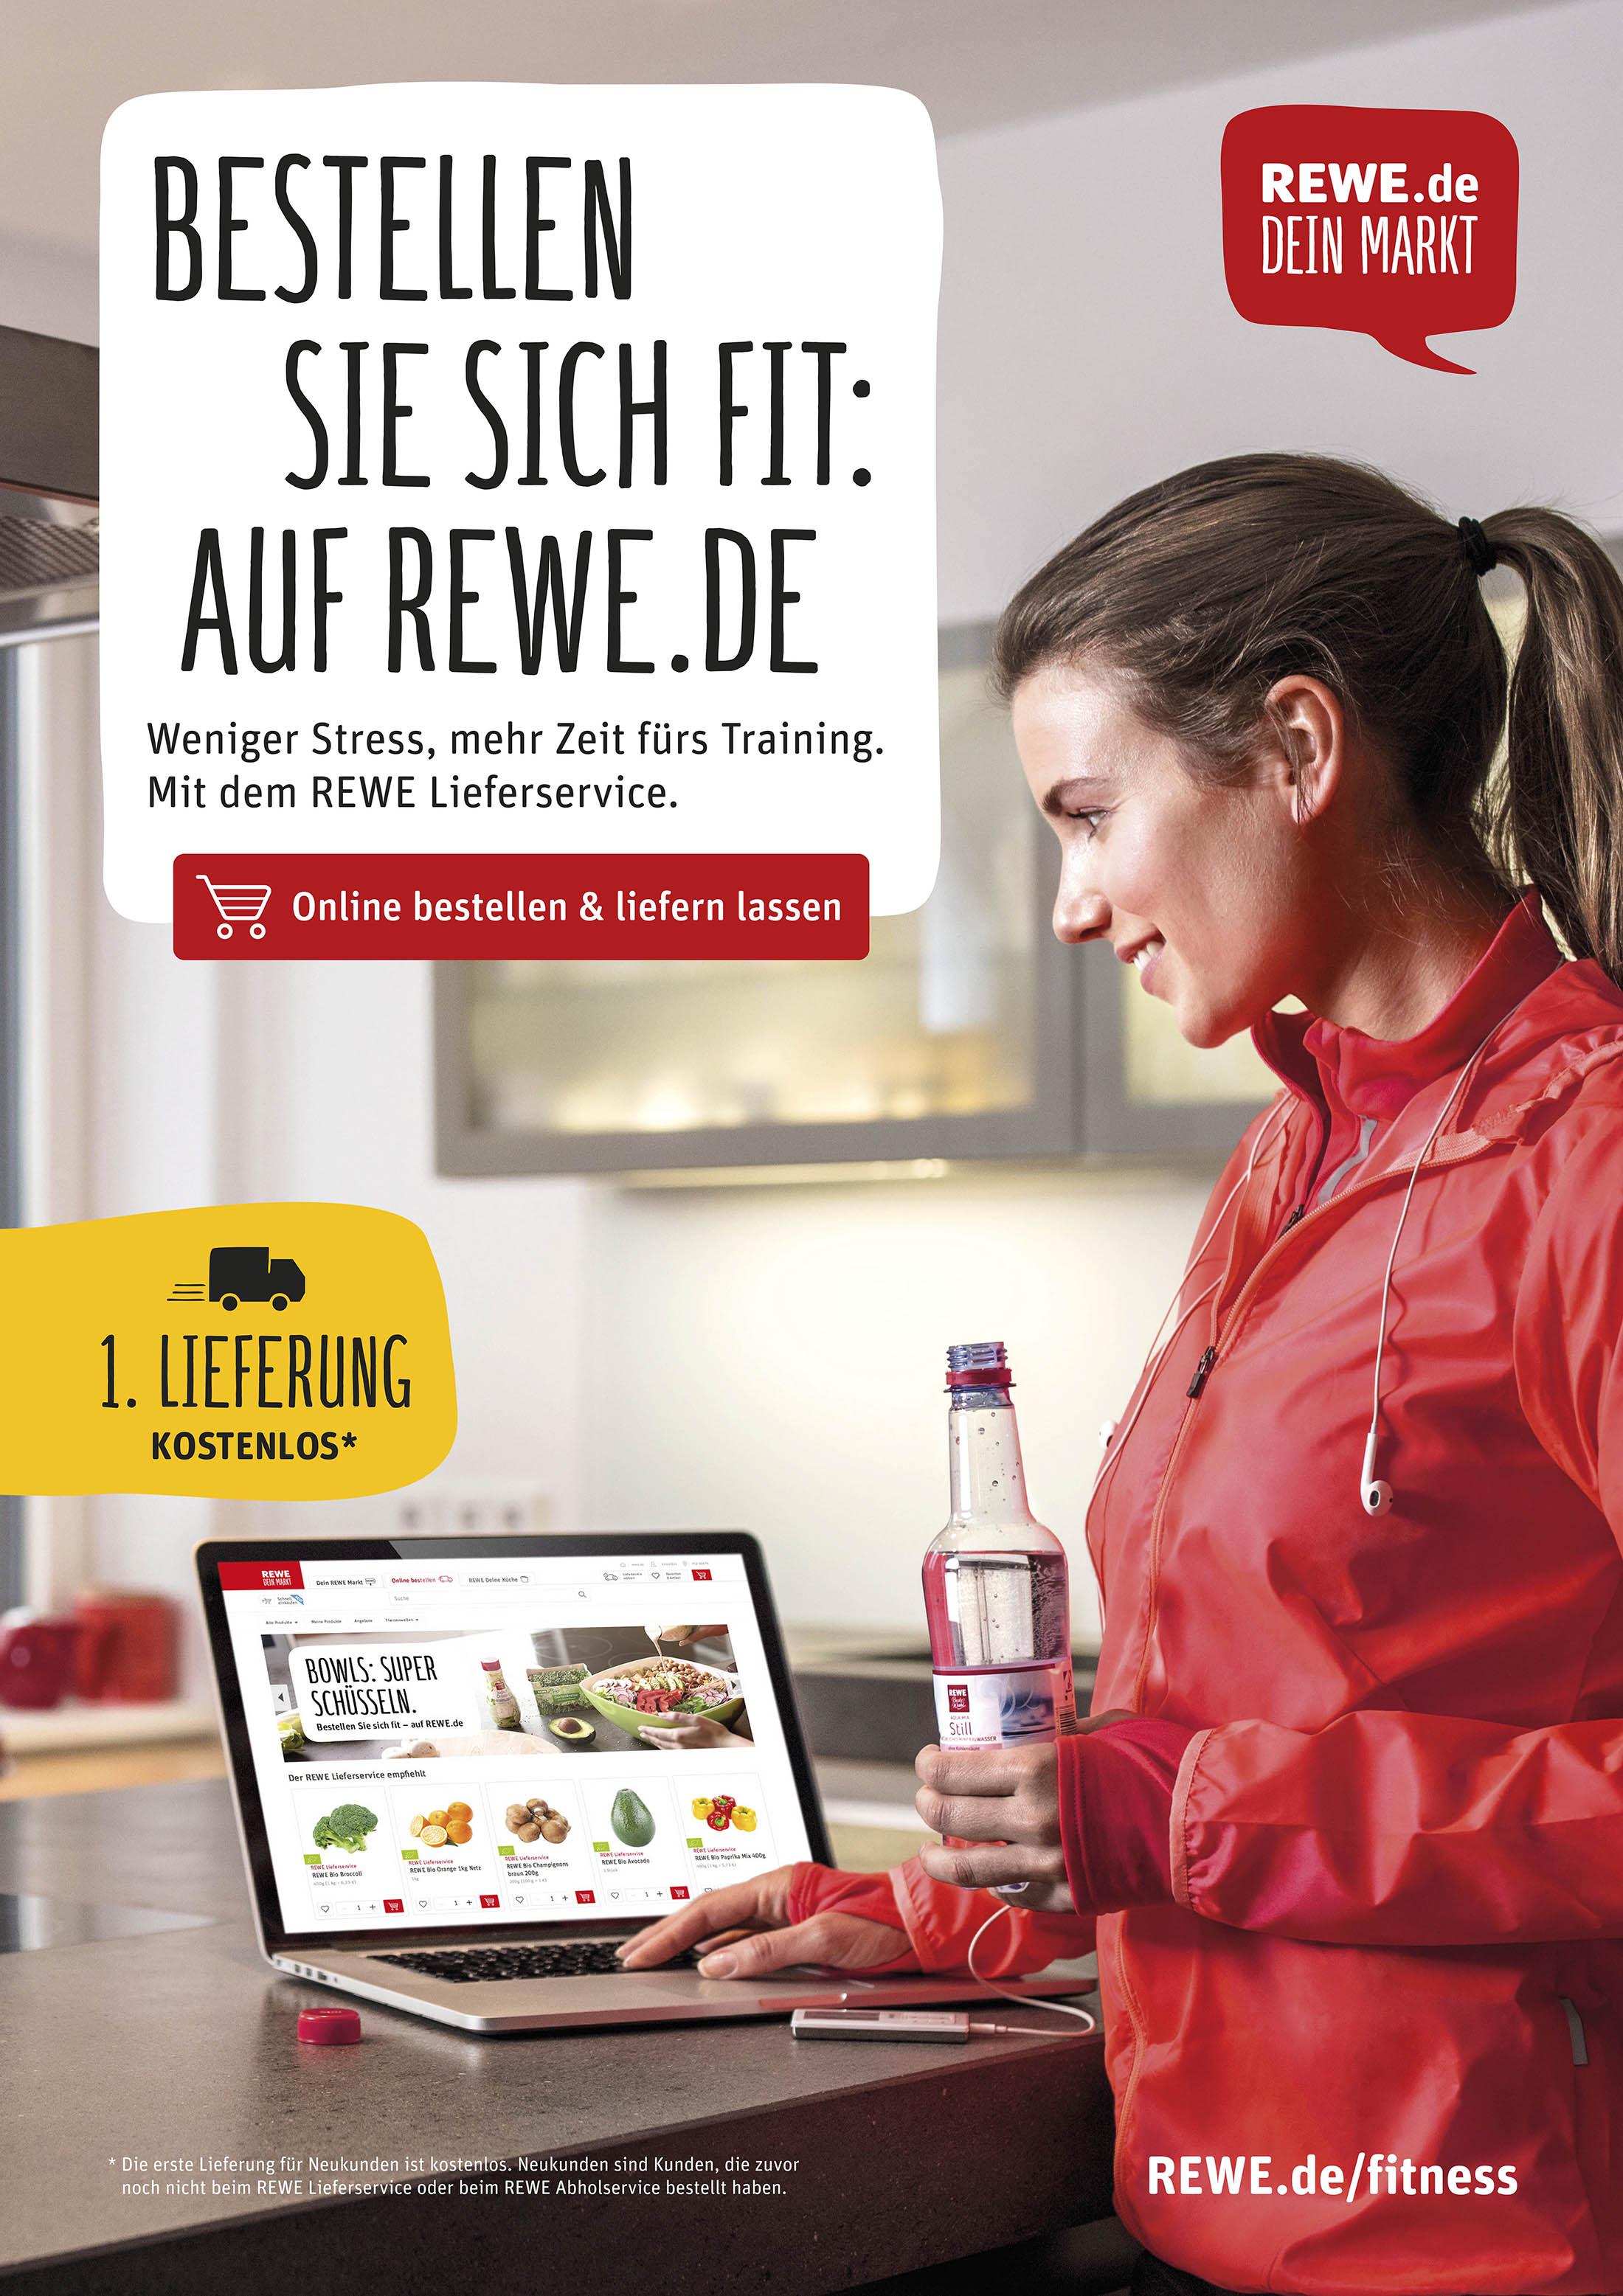 fotografie tomas rodriguez Köln, Werbe und Modefotografie, lifestyle, rewe lieferservice